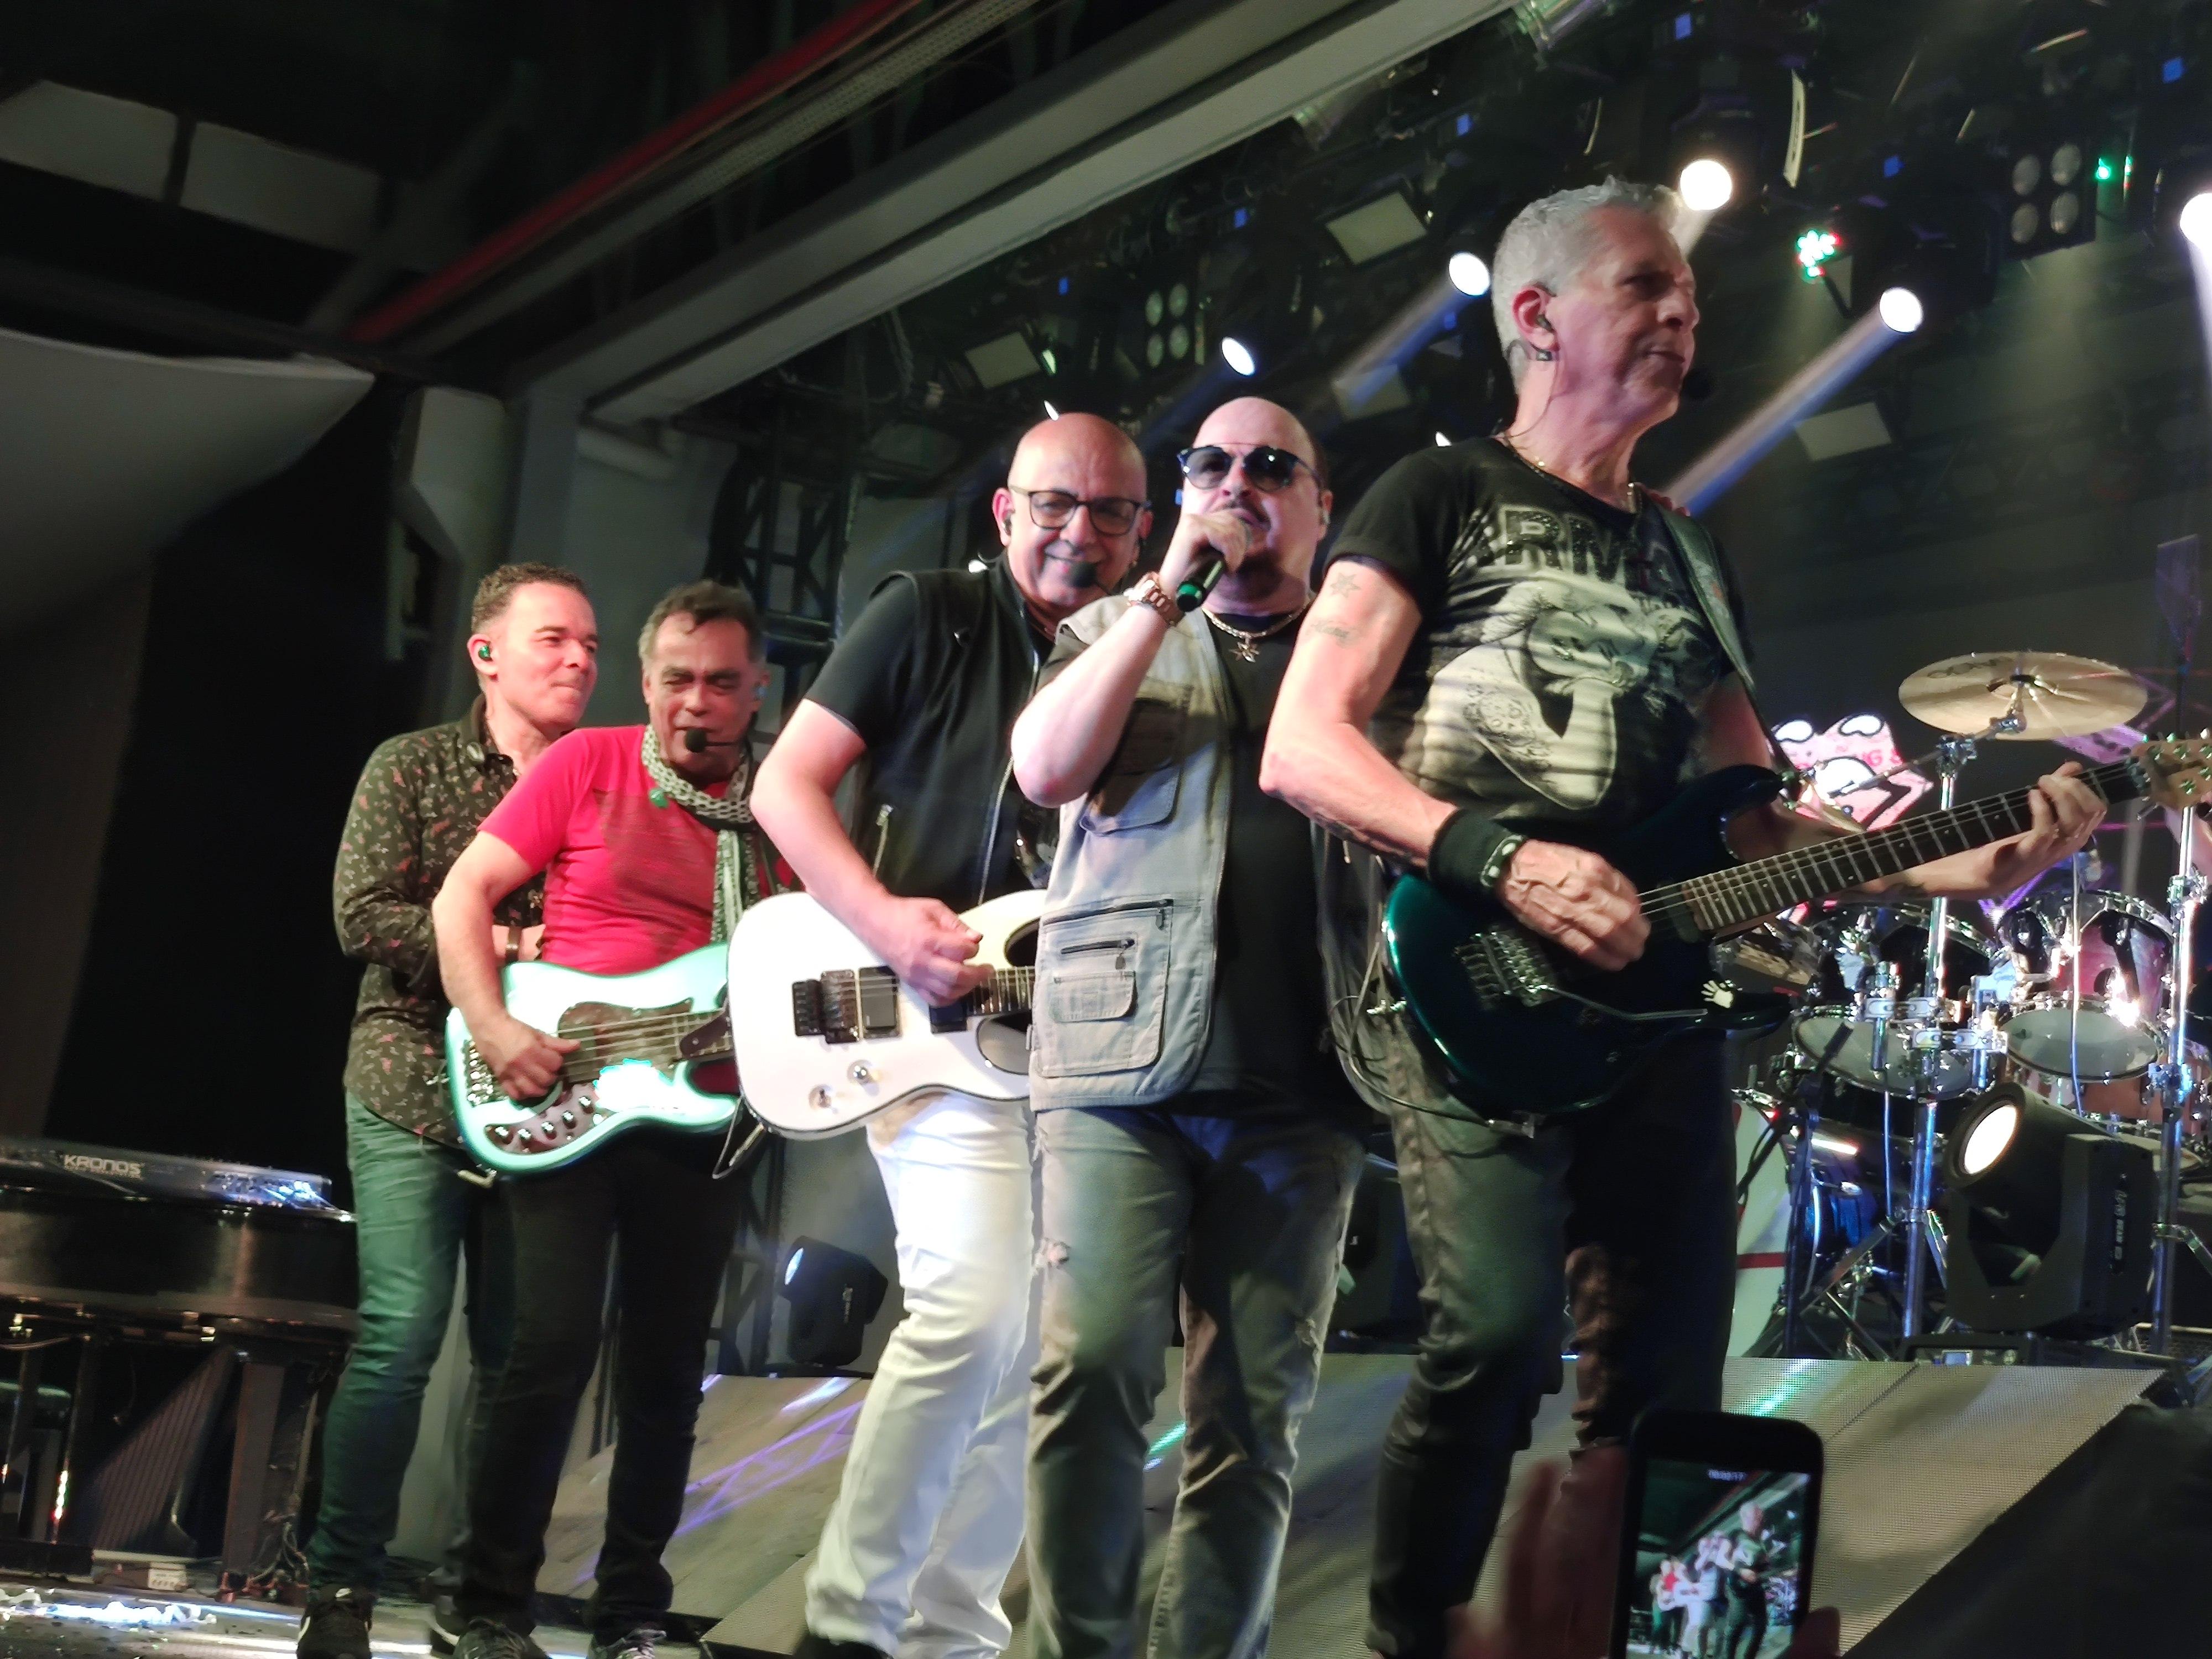 Show da Banda Roupa Nova encerra as comemorações dos 70 anos do Colégio Dom Bosco